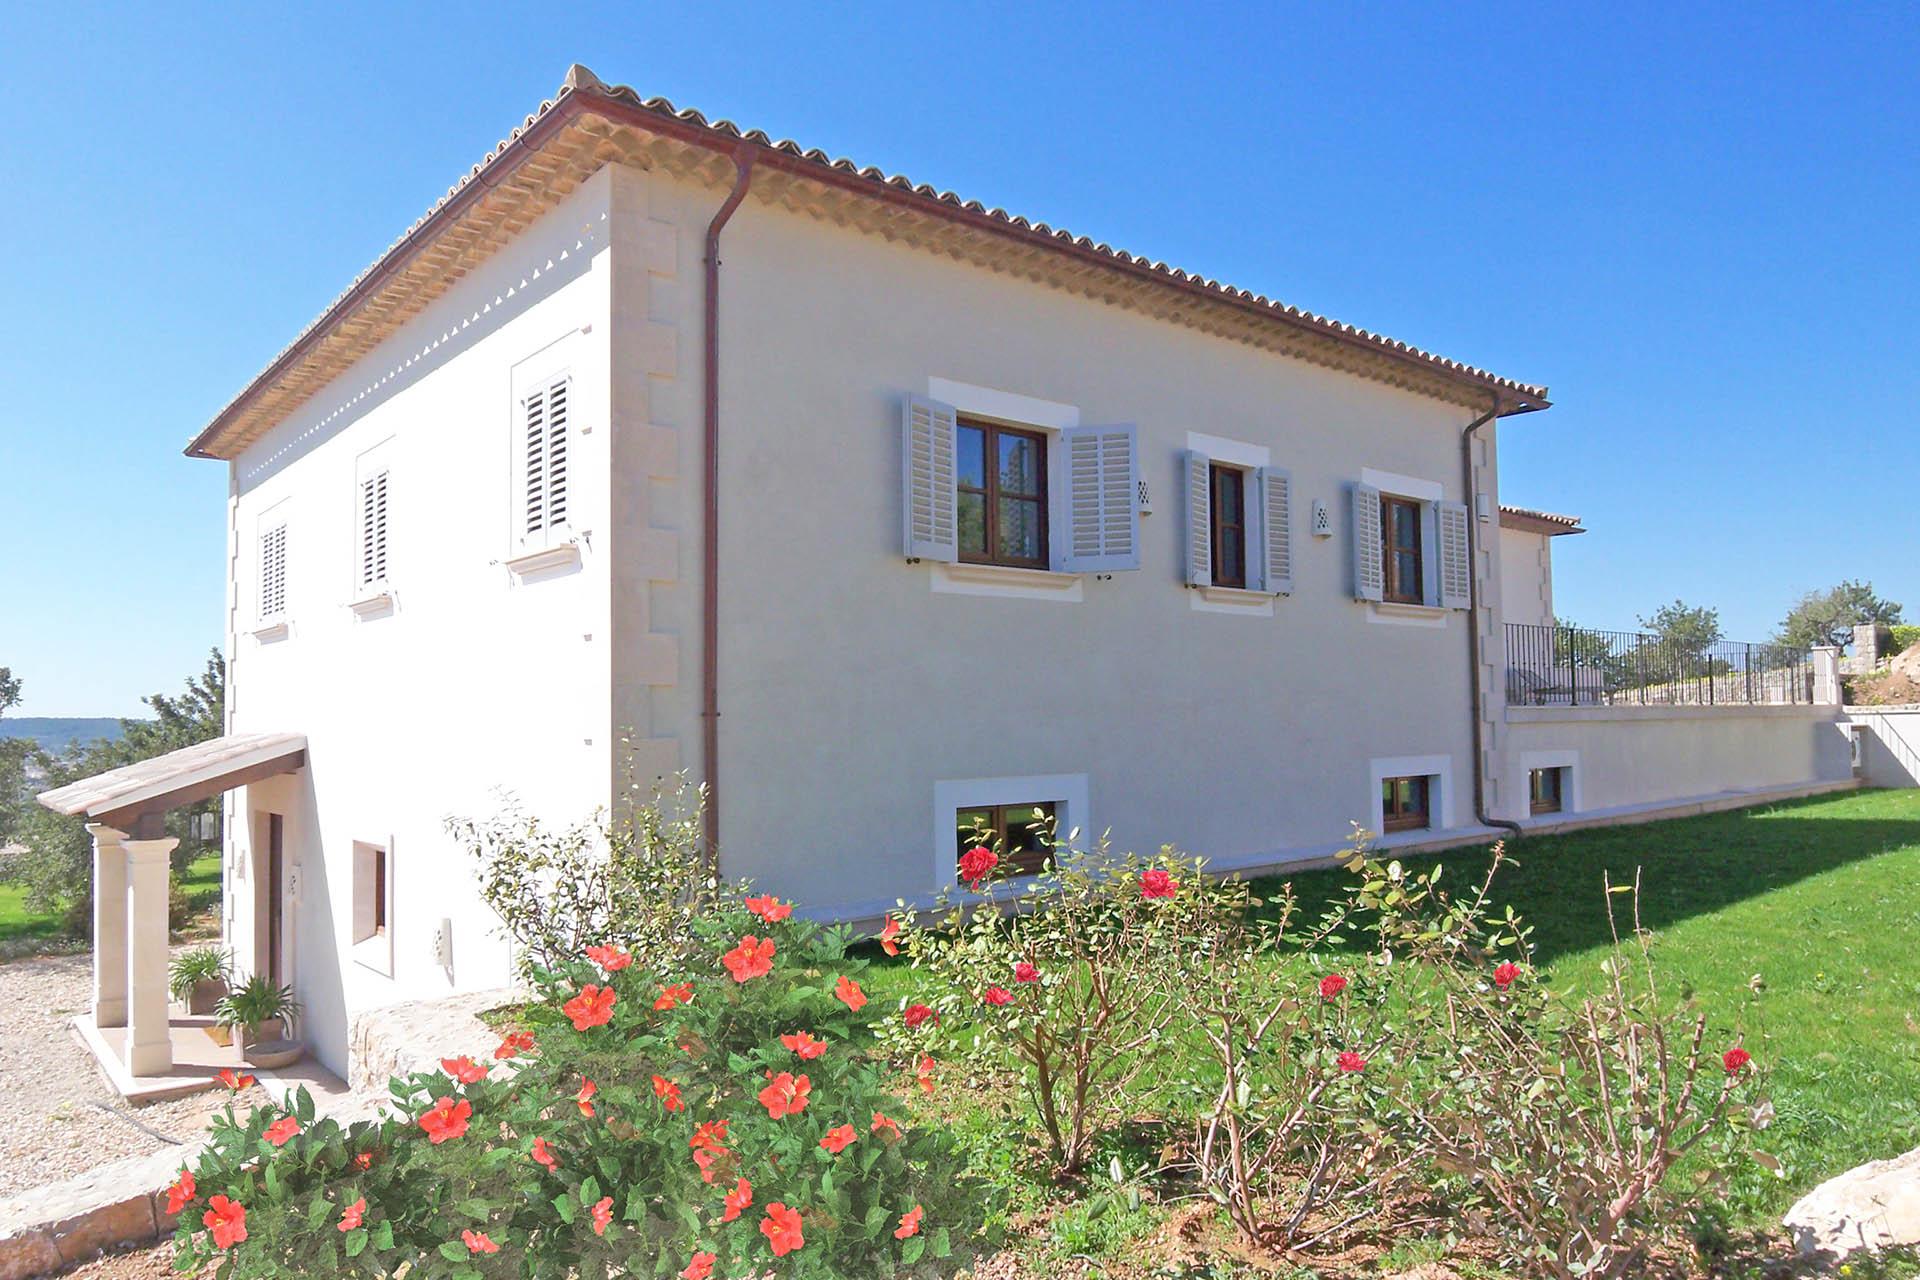 353 arquitectes, Architekten Firmen Mallorca, Architektur Architekt ...